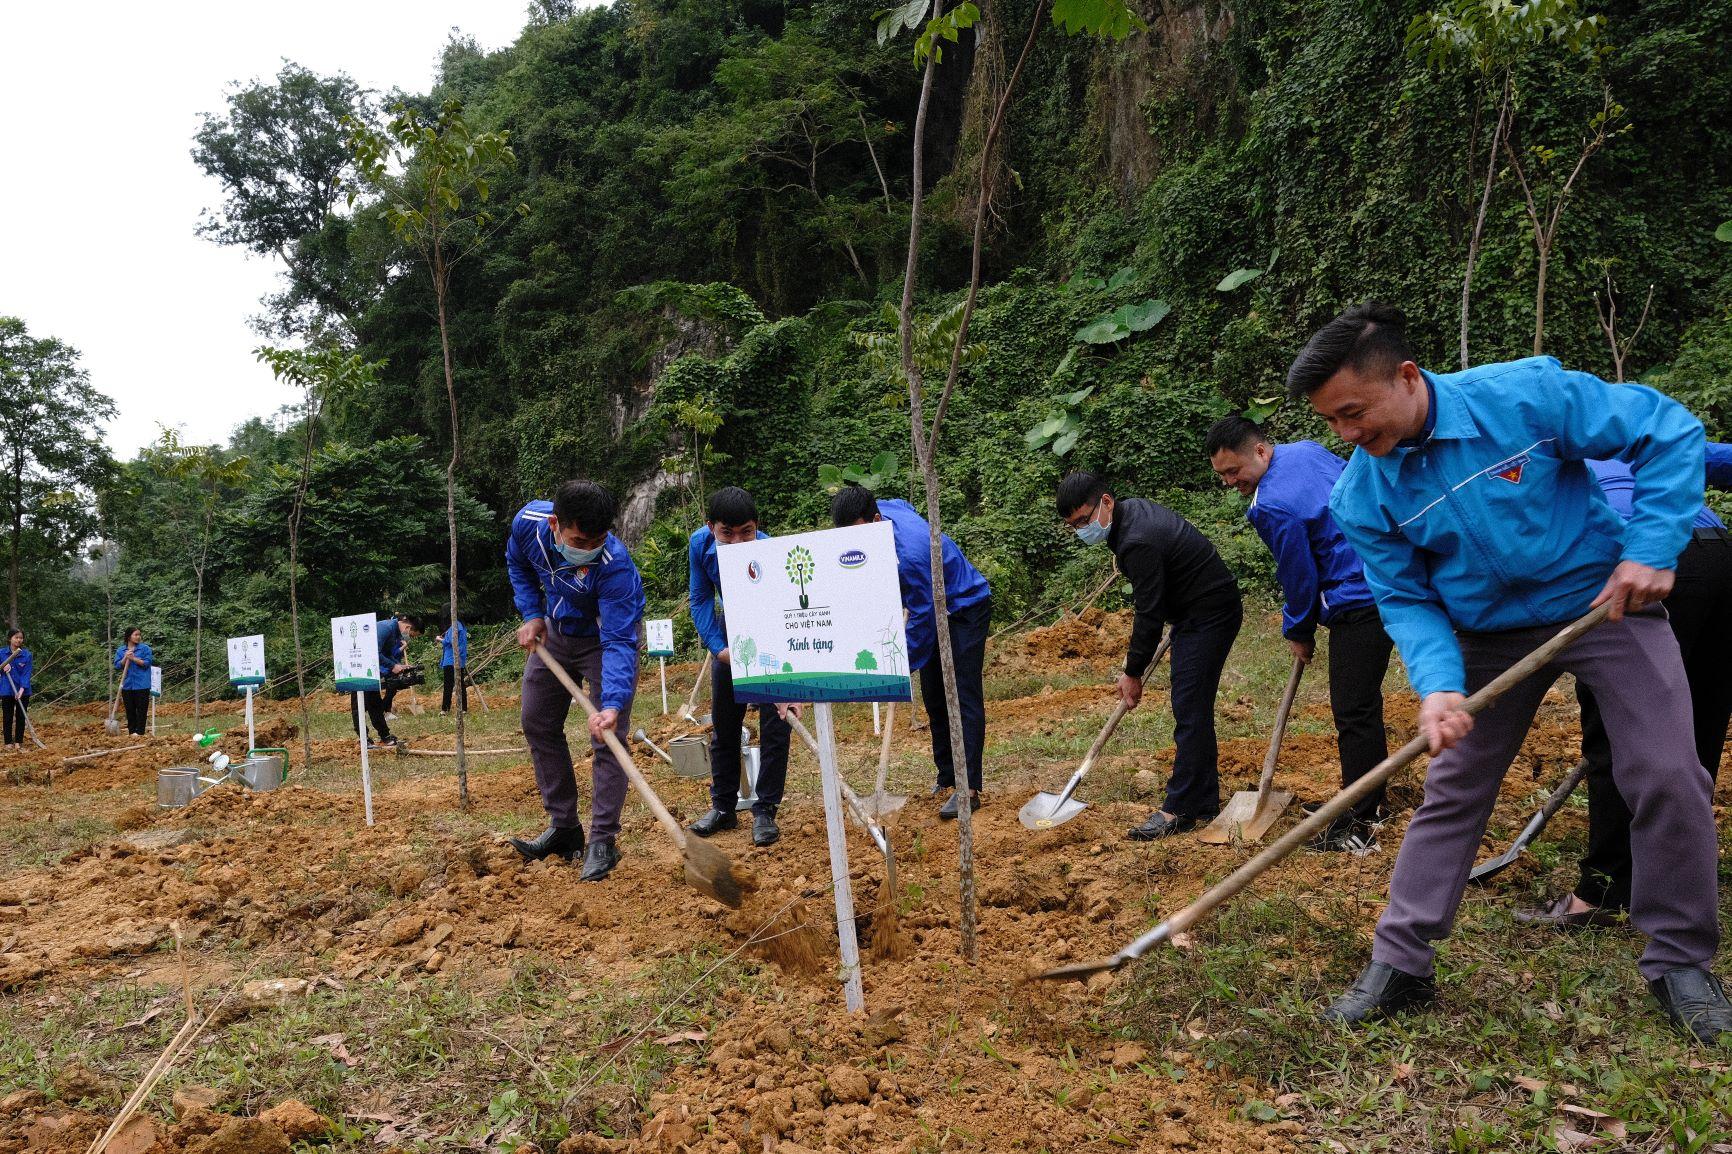 """Quỹ 1 triệu cây xanh cho Việt Nam của Vinamilk - Chương trình vì môi trường tạo được """"dấu ấn xanh"""" đặc biệt với cộng đồng 4"""